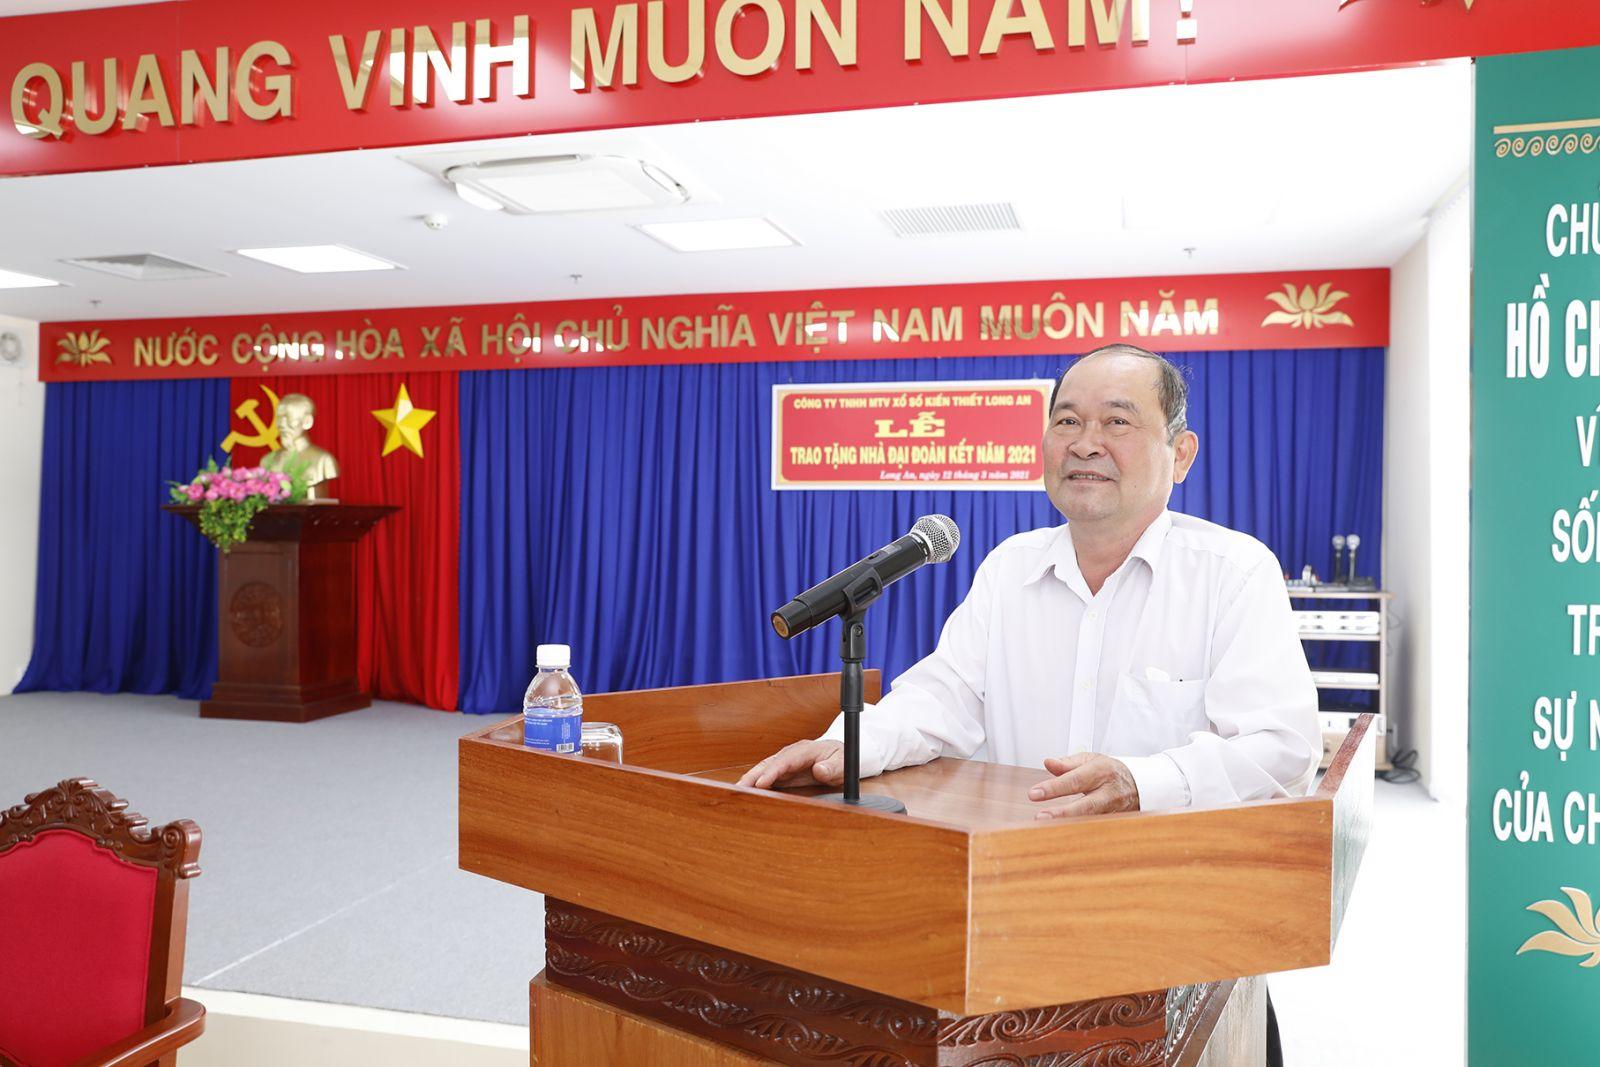 Ông Võ Văn Truyền Chủ tịch Công ty Xổ số Long An phát biểu